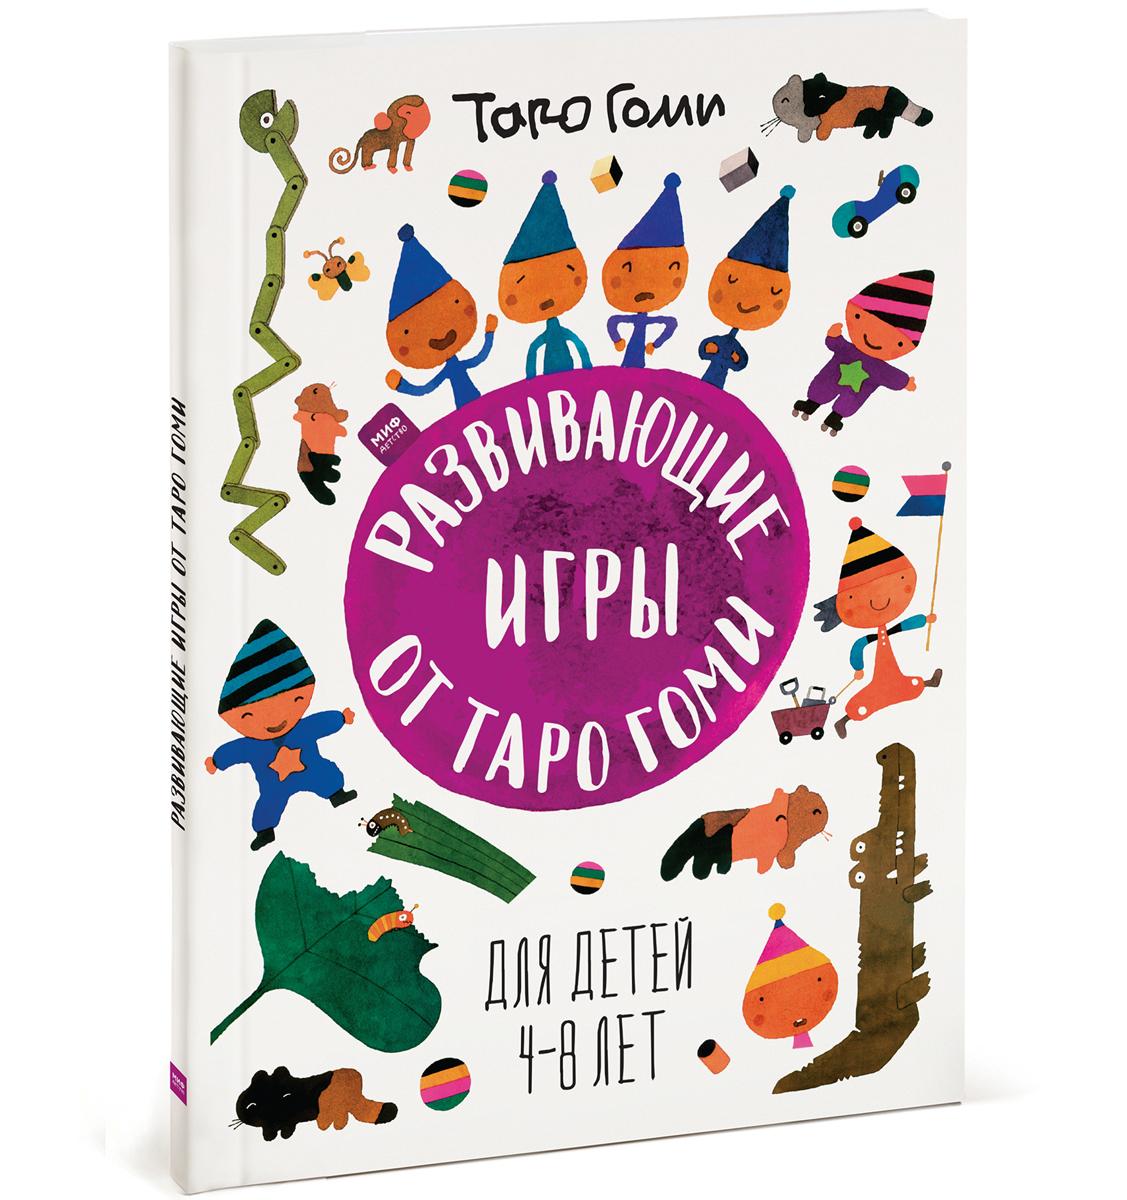 Таро Гоми Развивающие игры от Таро Гоми. Для детей 4-8 лет а круглова а николаев развивающие игры для детей